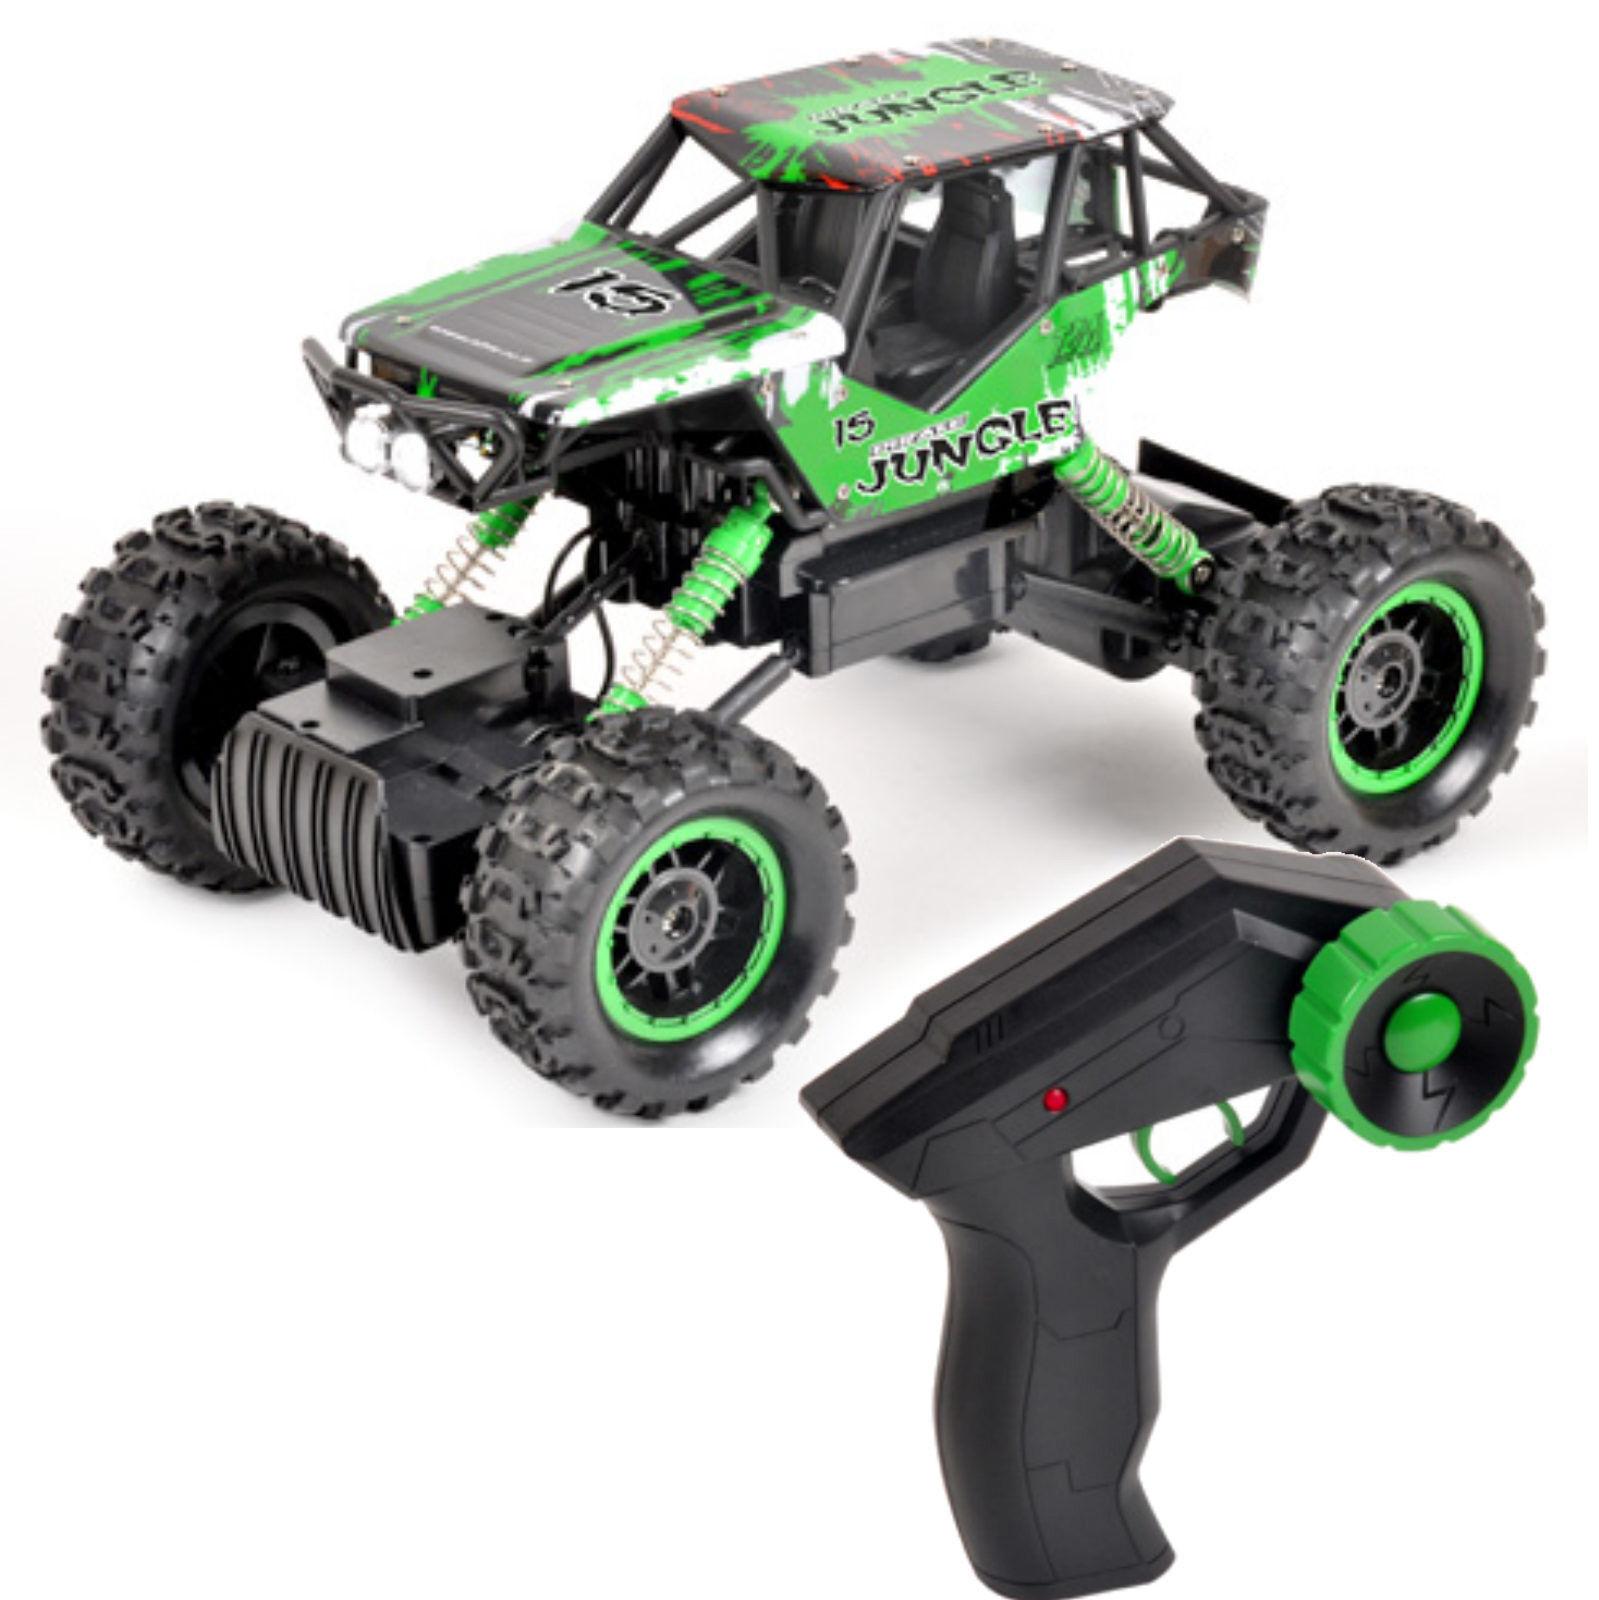 T2M  T4935 Pirata Jungle Roccia Crawler 1-12 4WD 2,4ghz Dual Motore  online economico